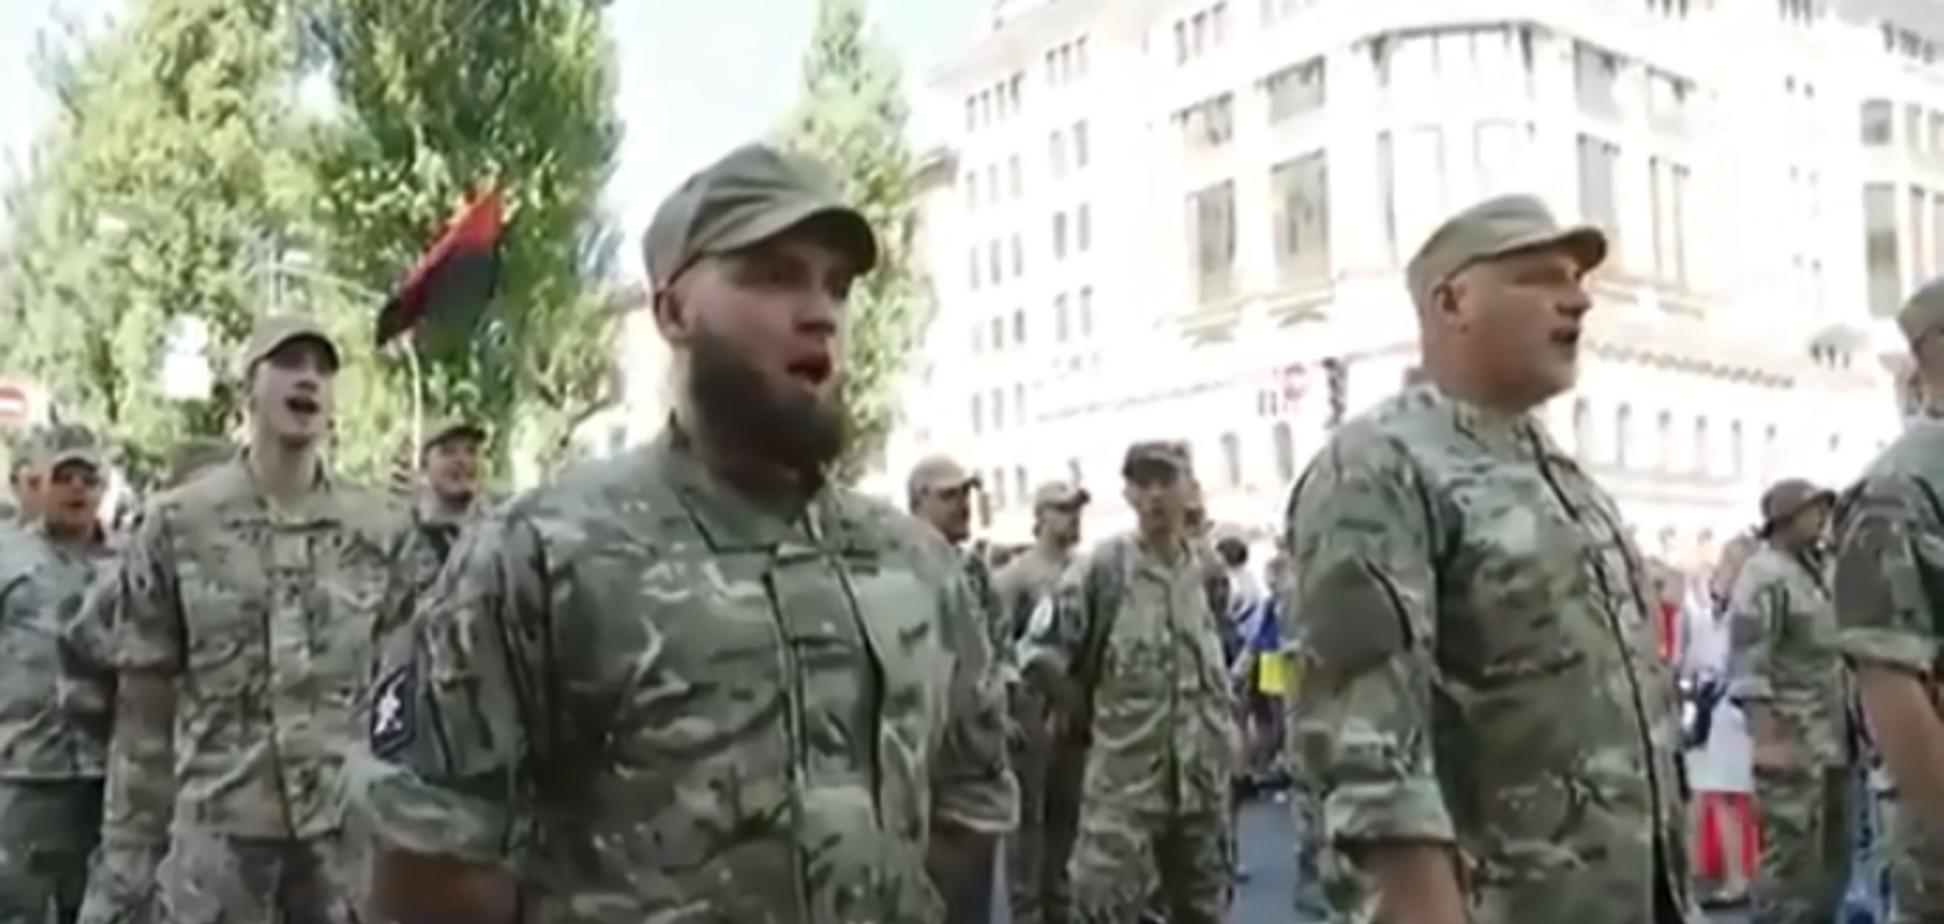 'Путин х**ло': в Киеве ветераны АТО 'поздравили' президента России